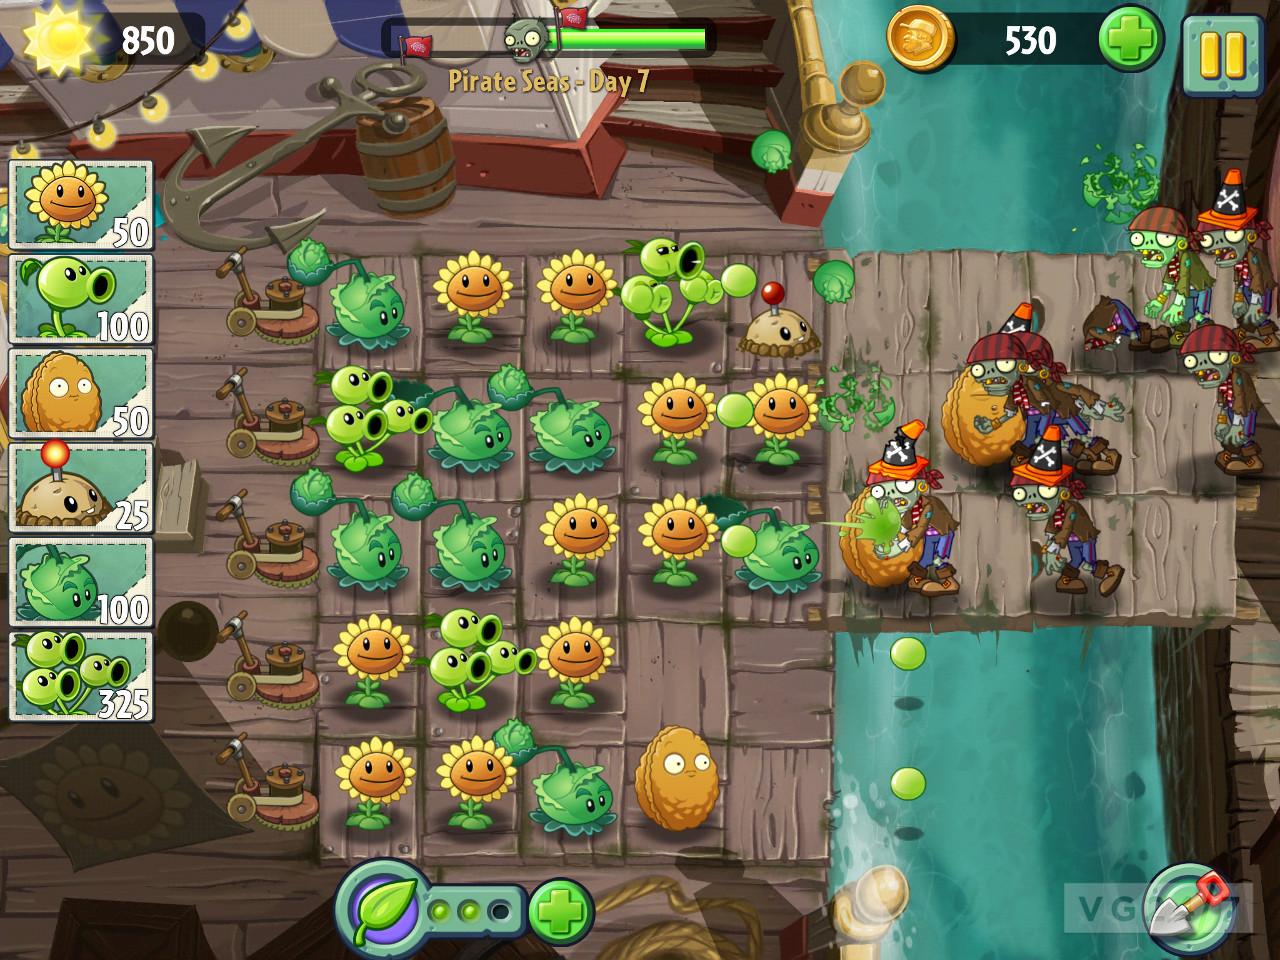 تریلر بازی plants vs zombies 2 + تصاویر گیم پلی